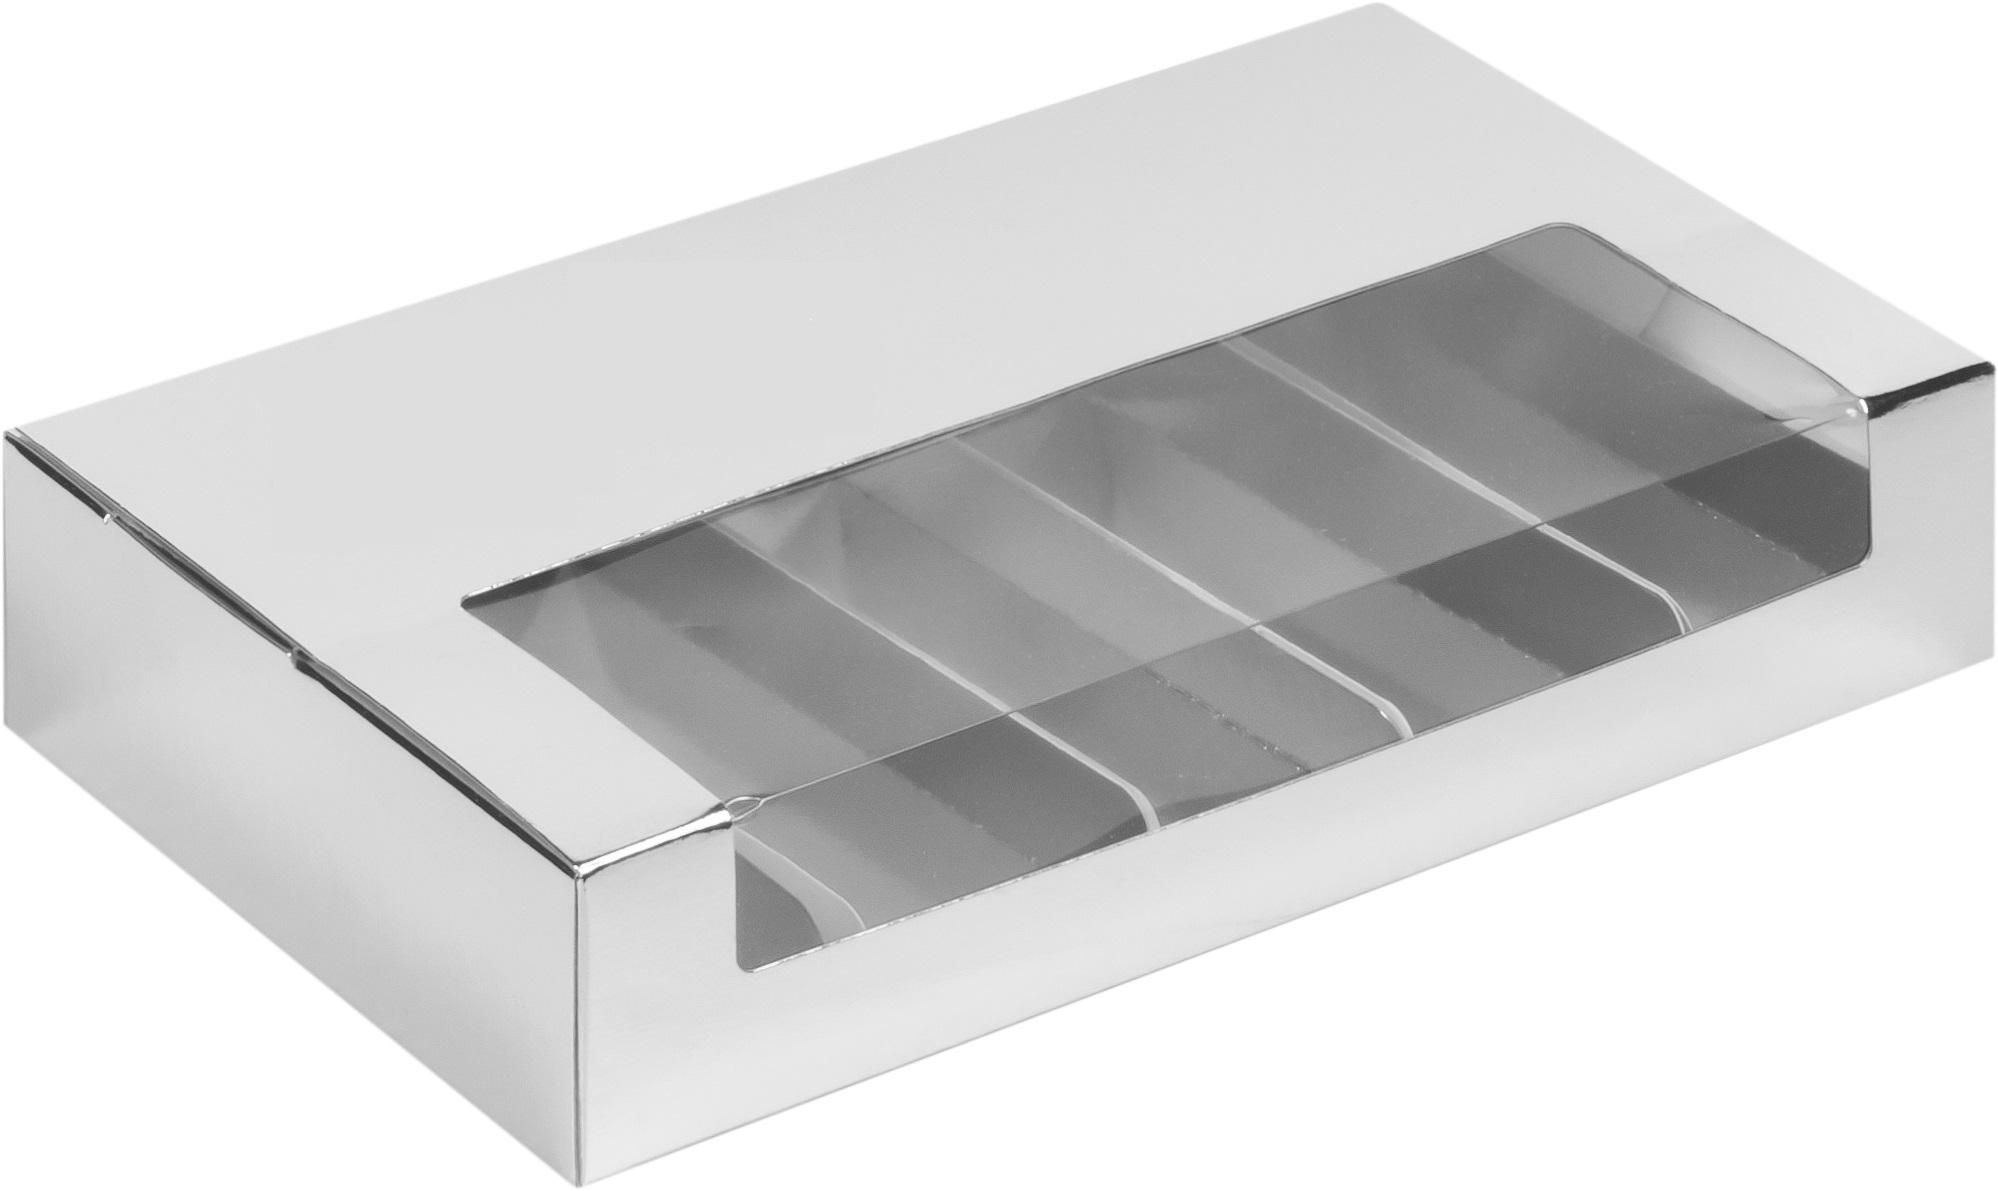 коробка для эклера